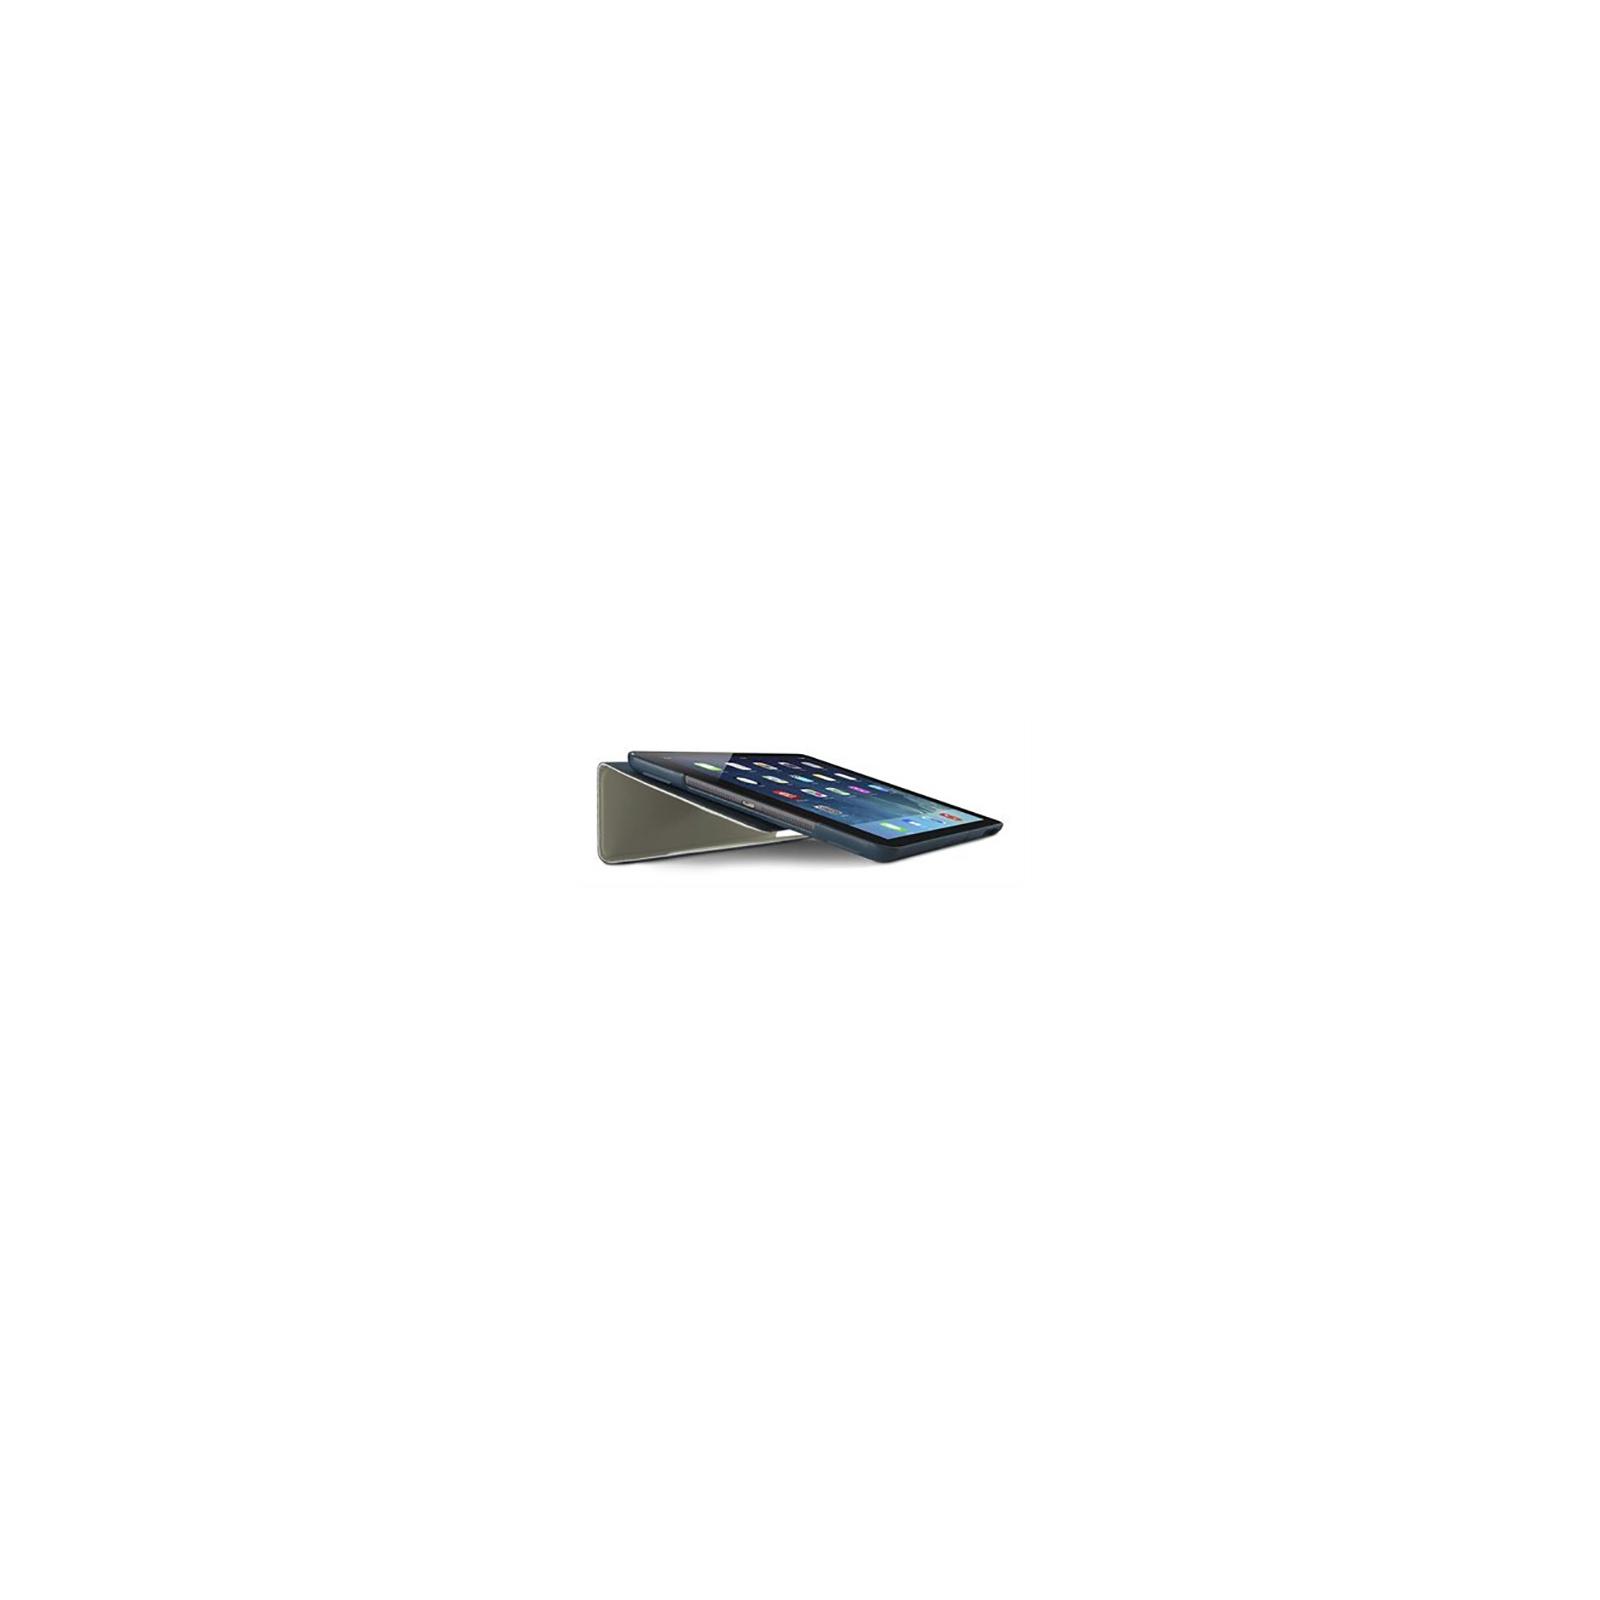 Чехол для планшета Belkin iPad Air Slate FreeStyle Cover (F7N100B2C01) изображение 3